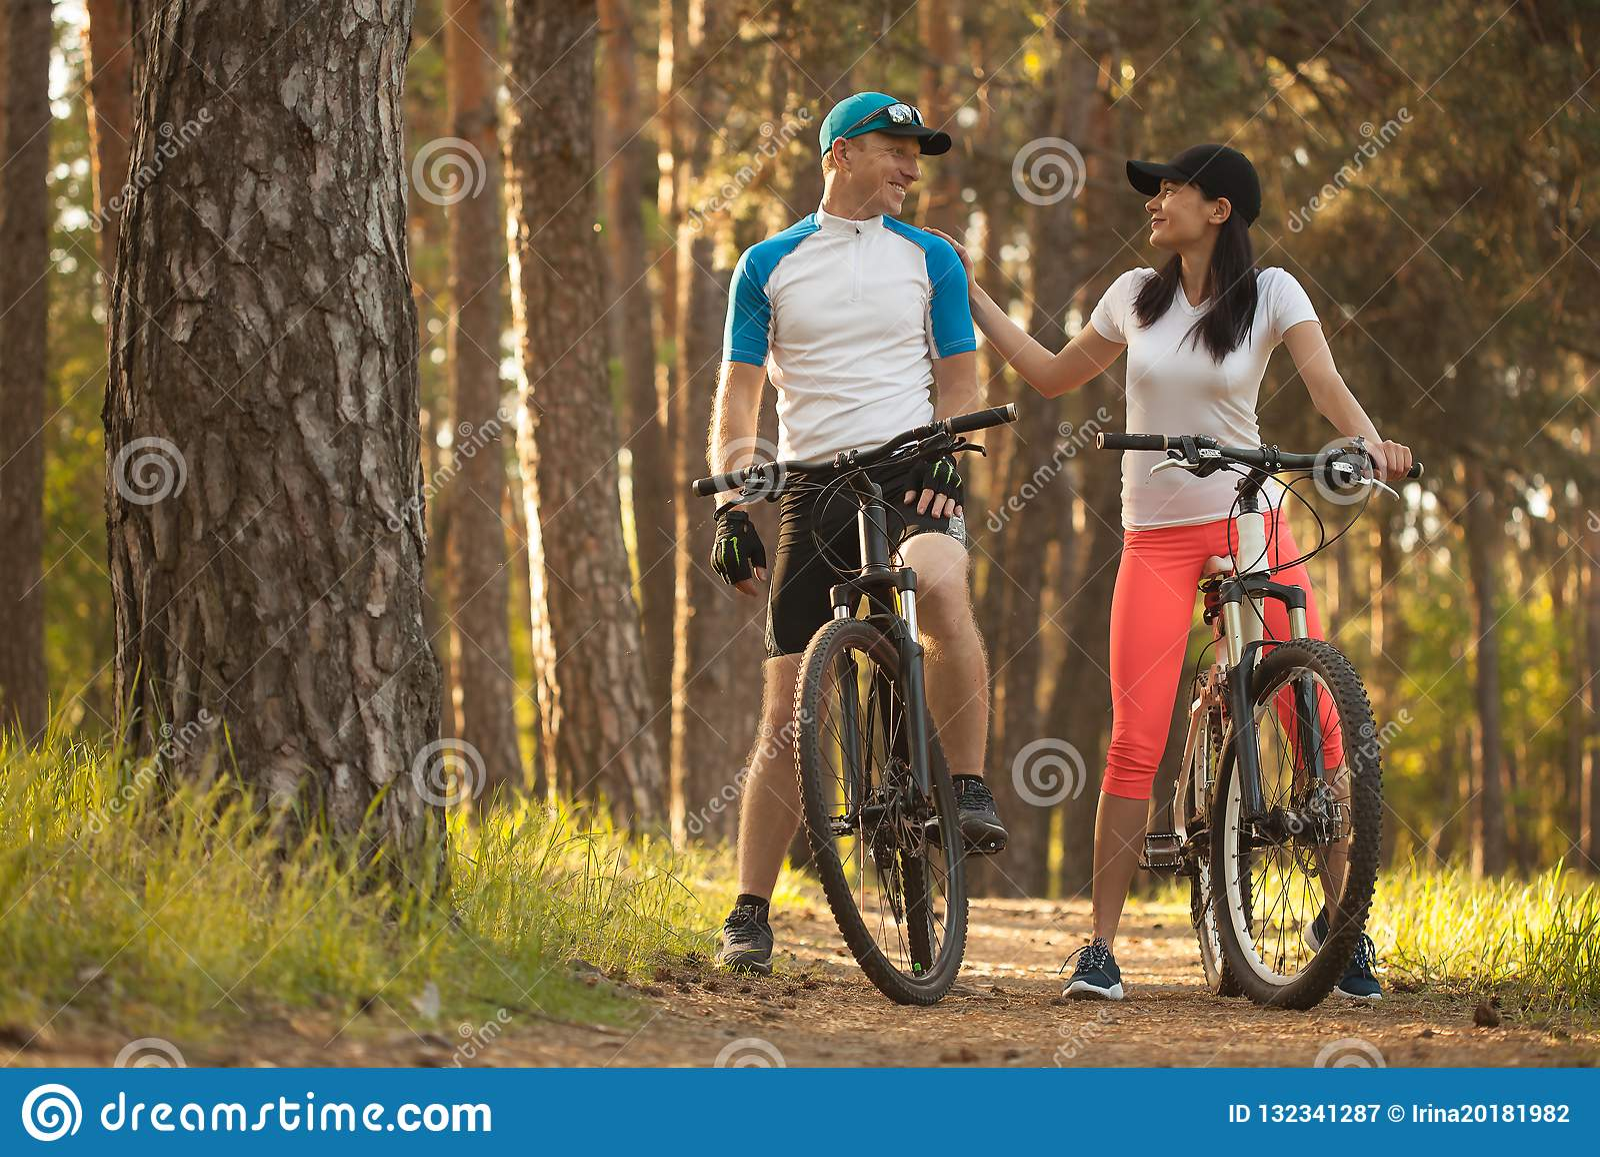 Un hombre y una mujer vaya a completar un ciclo en el bosque Bici a la naturaleza